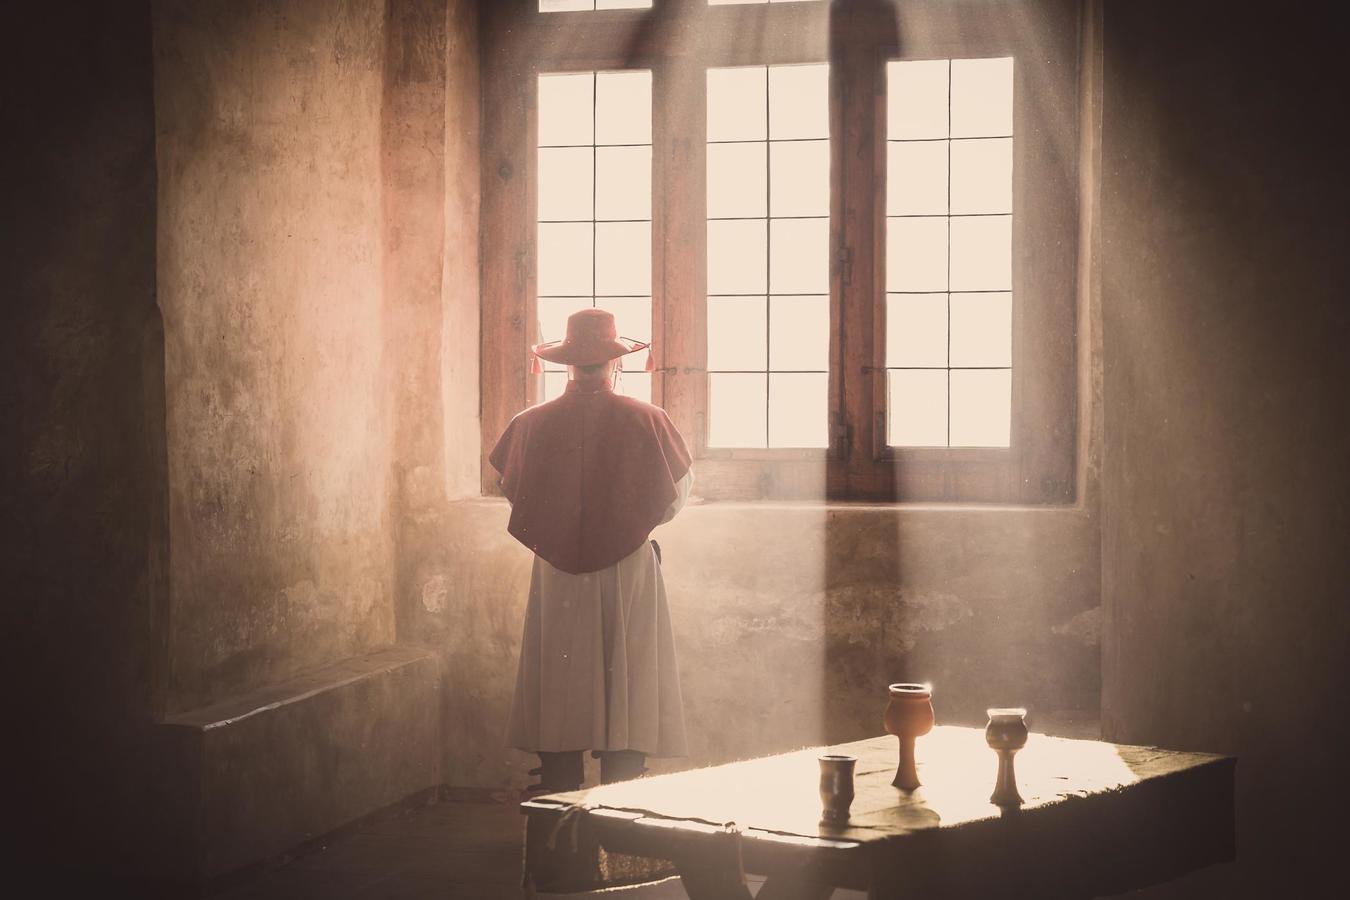 Kardinál hledí do budoucnosti